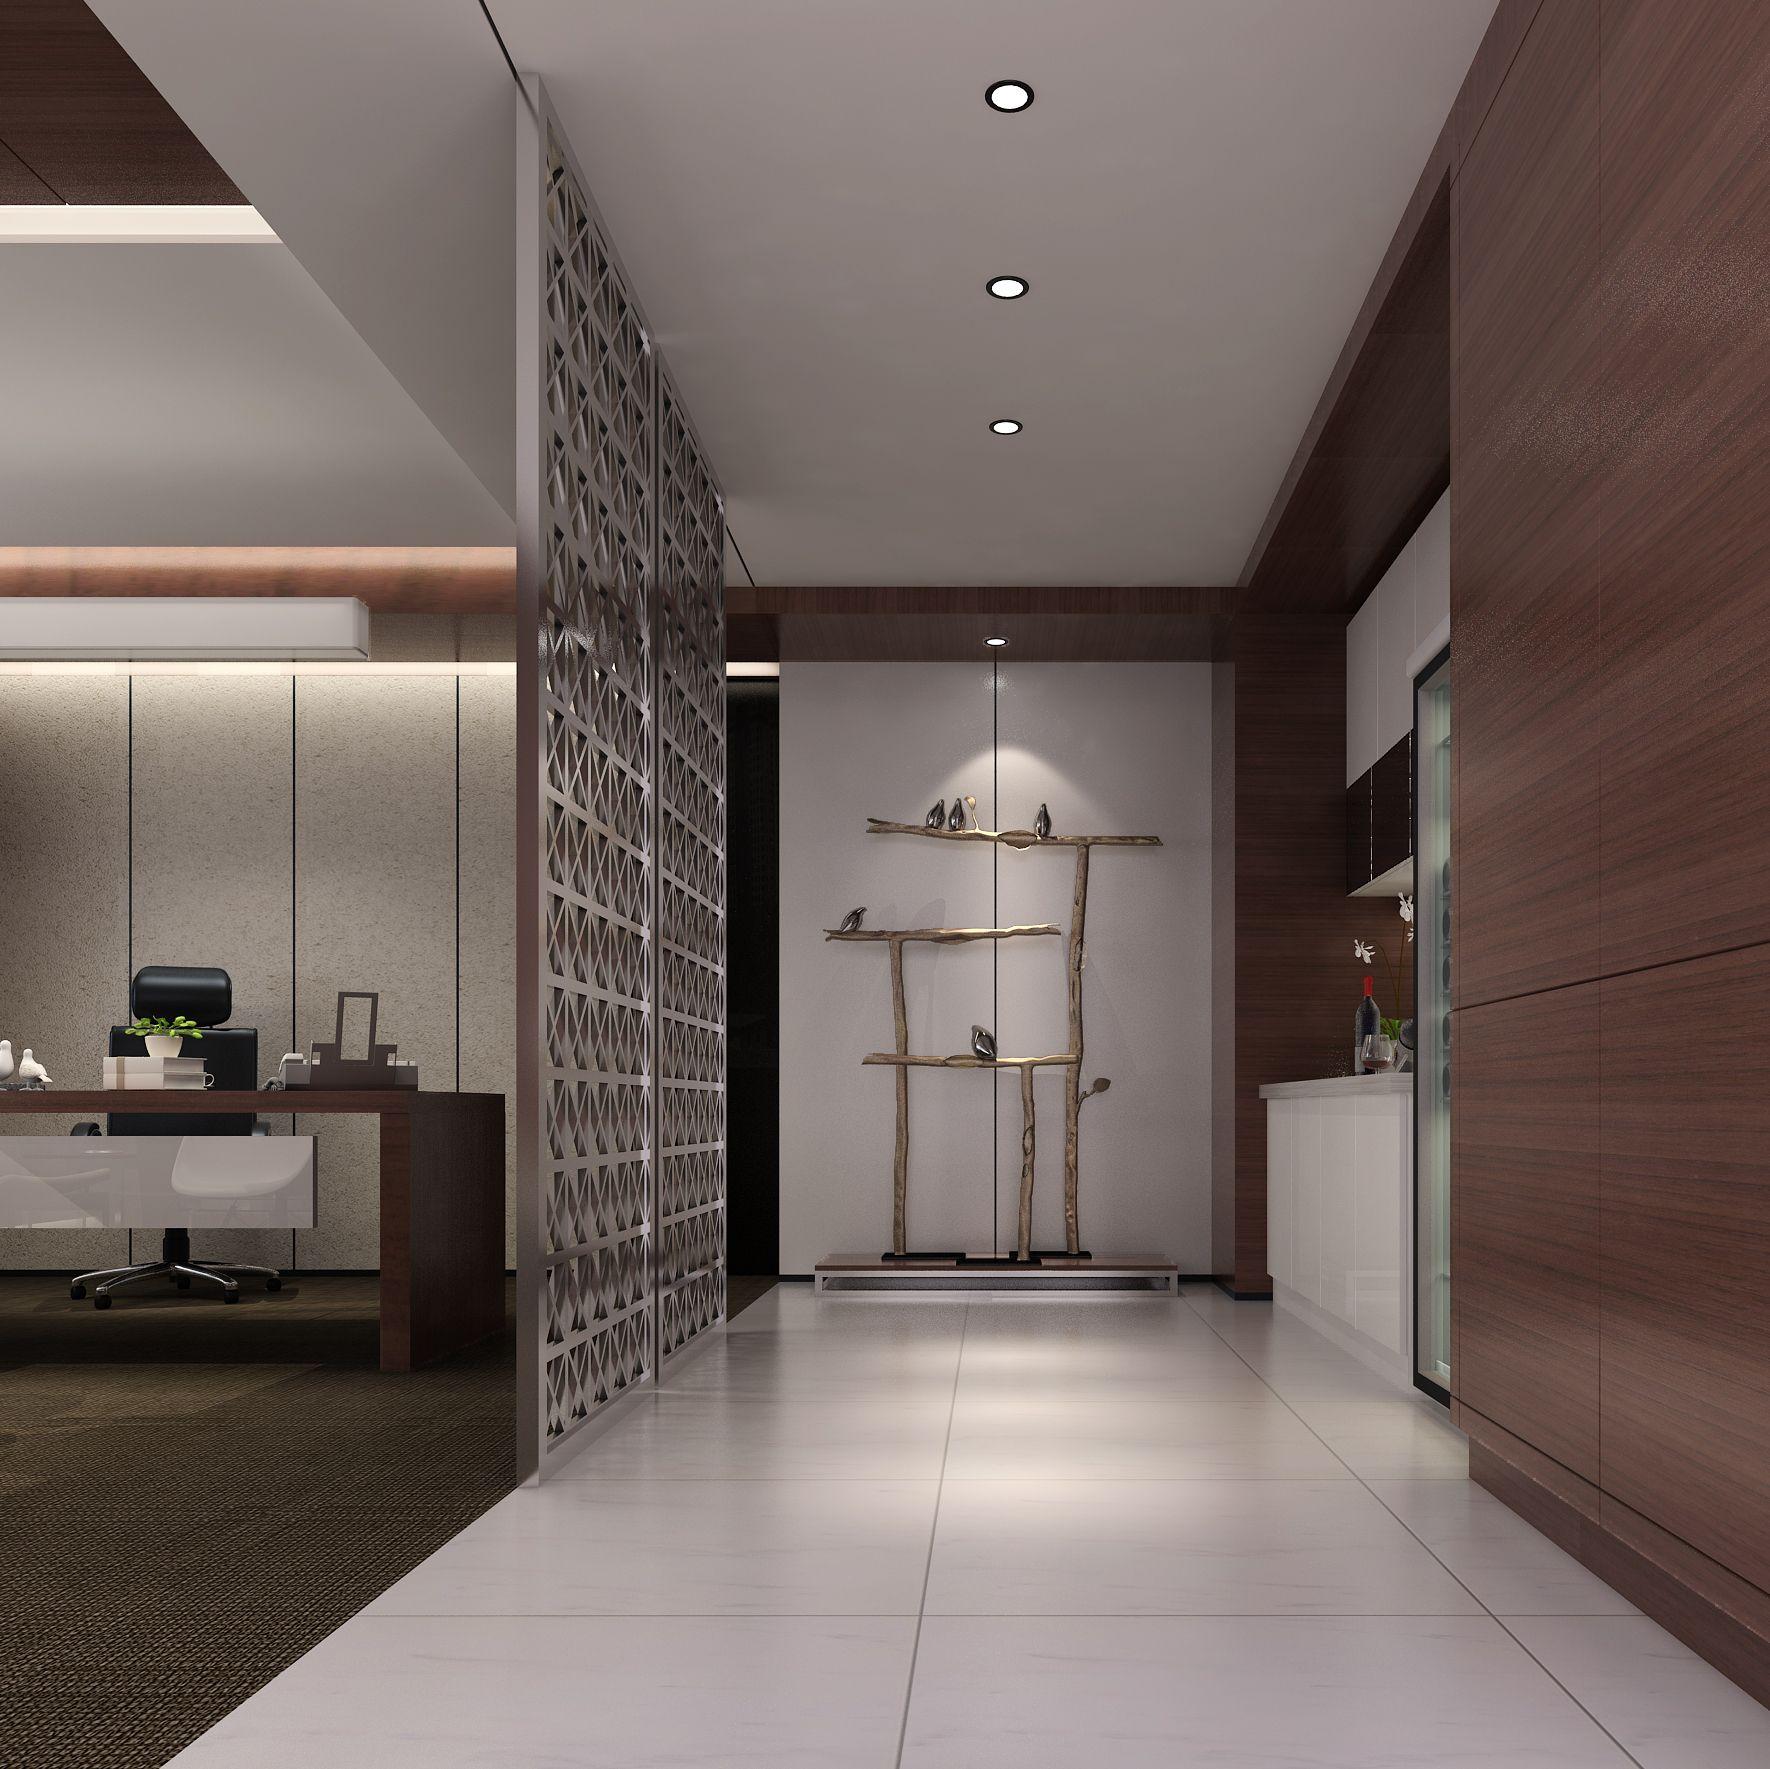 山东甬南进出口有限公司办公空间设计项目